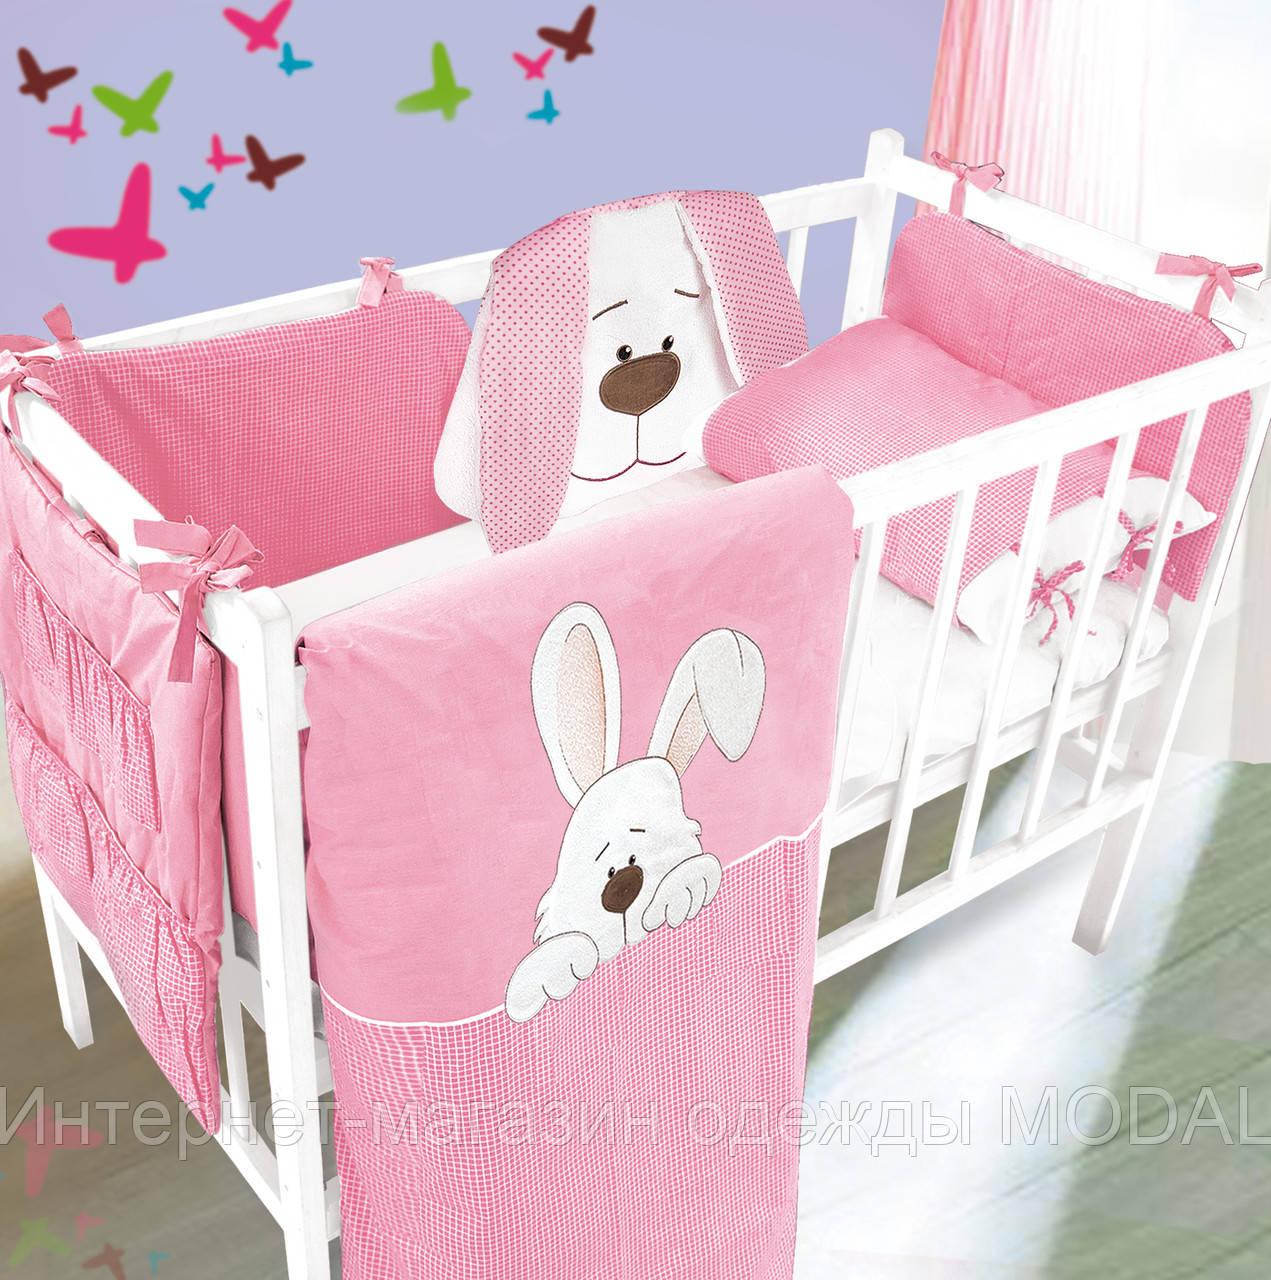 Комплект в детскую кроватку постельное белье + защита для девочки - Интернет-магазин одежды MODAL в Киеве